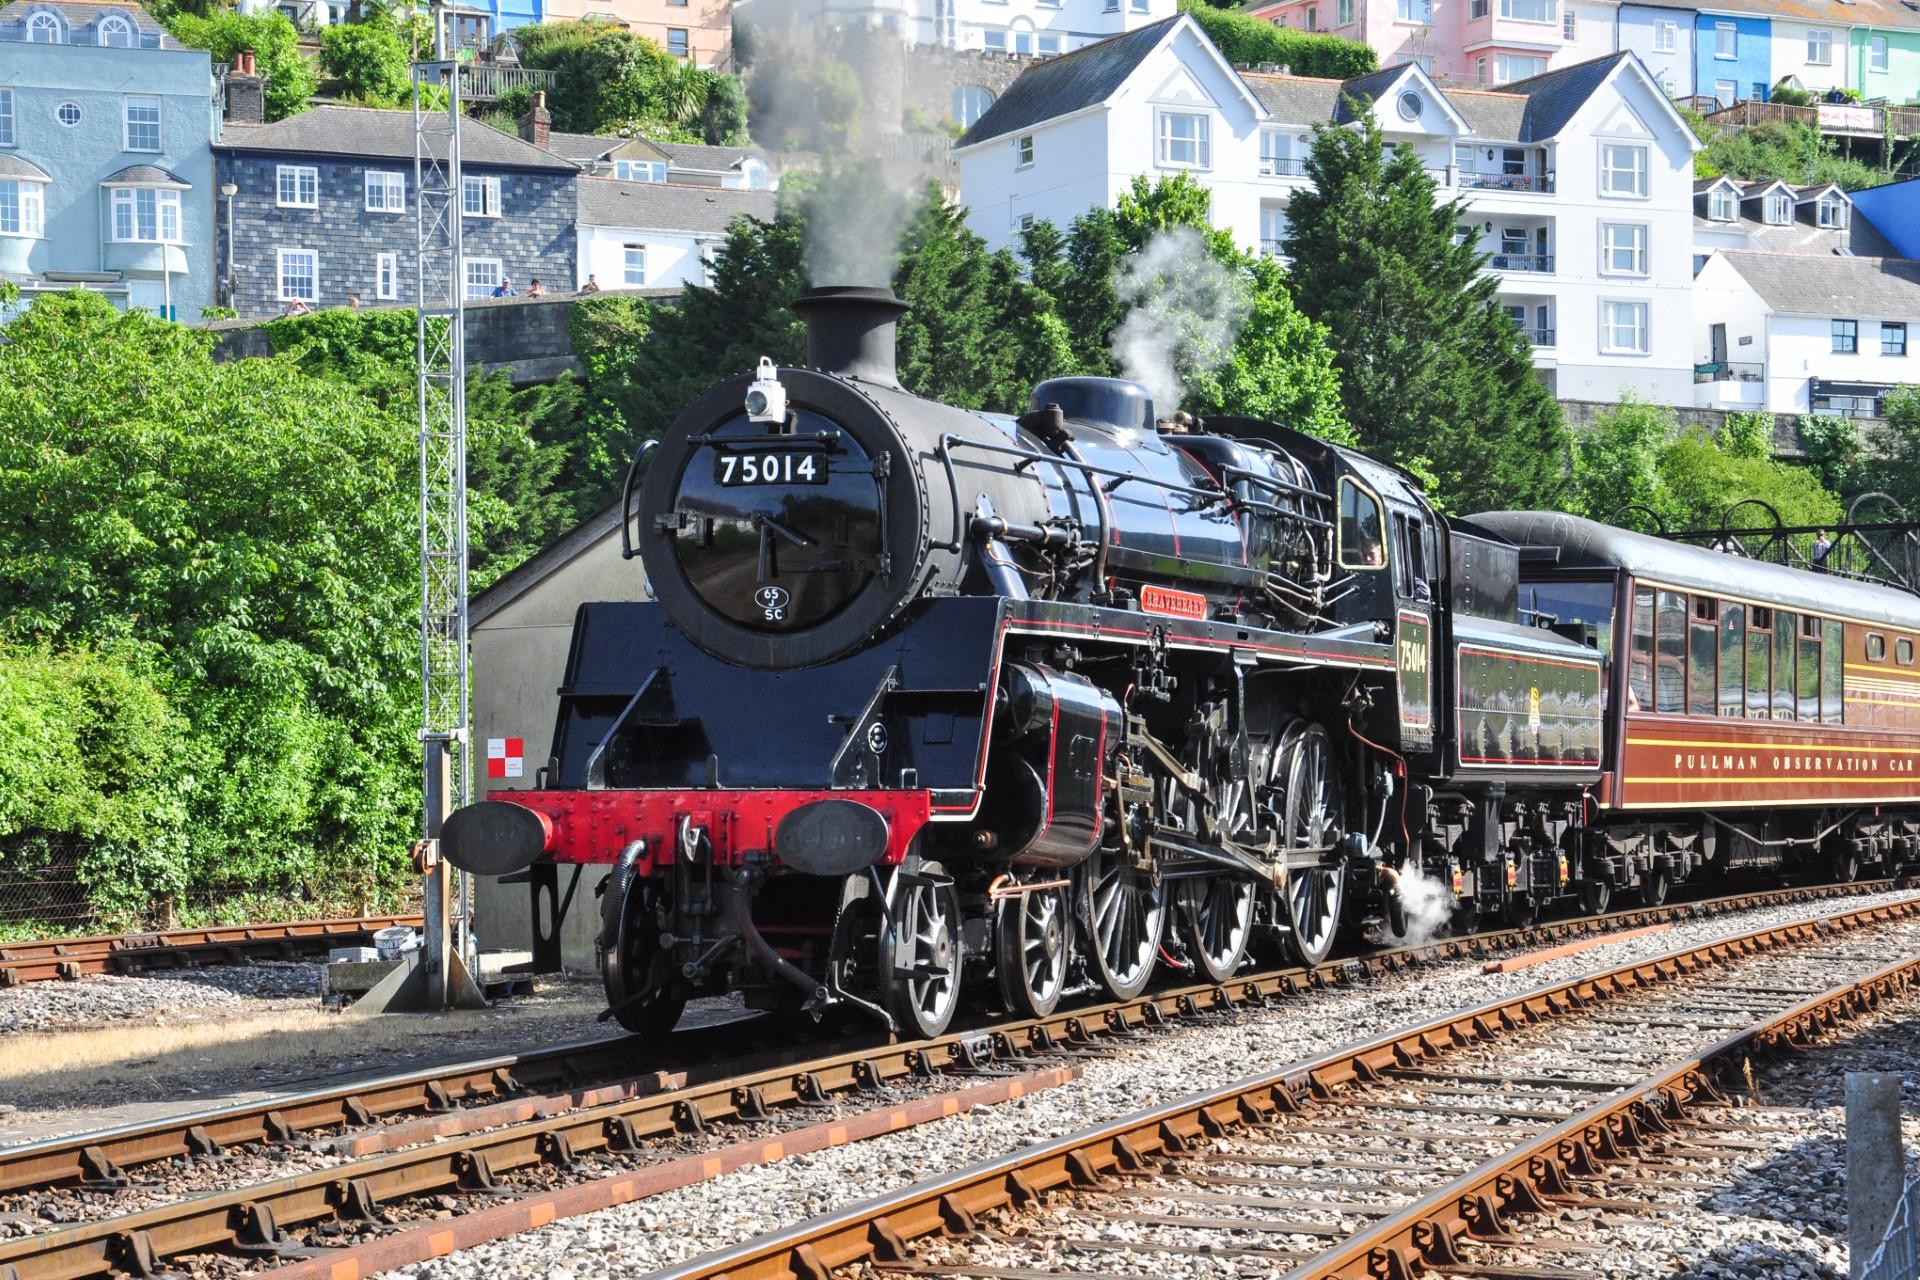 Steam Train going through Dartmouth